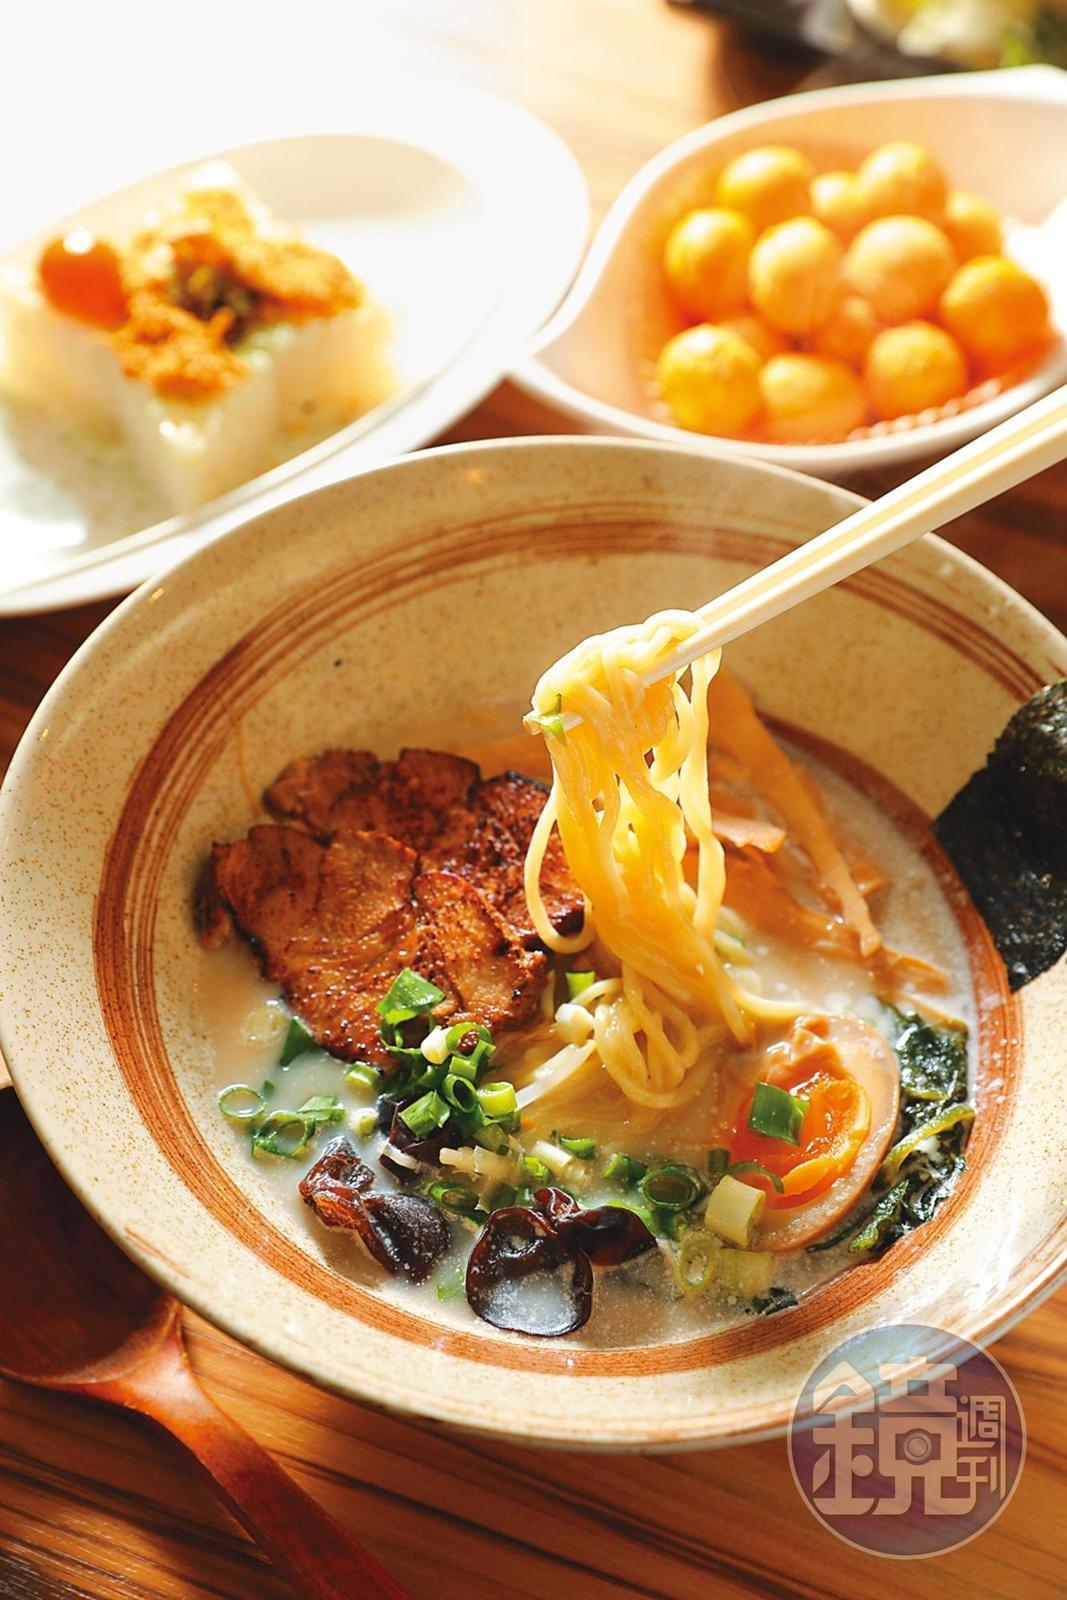 忍者餐點少不了拉麵,「豚骨叉燒拉麵」的湯頭香濃、叉燒夠味。(160元/份)